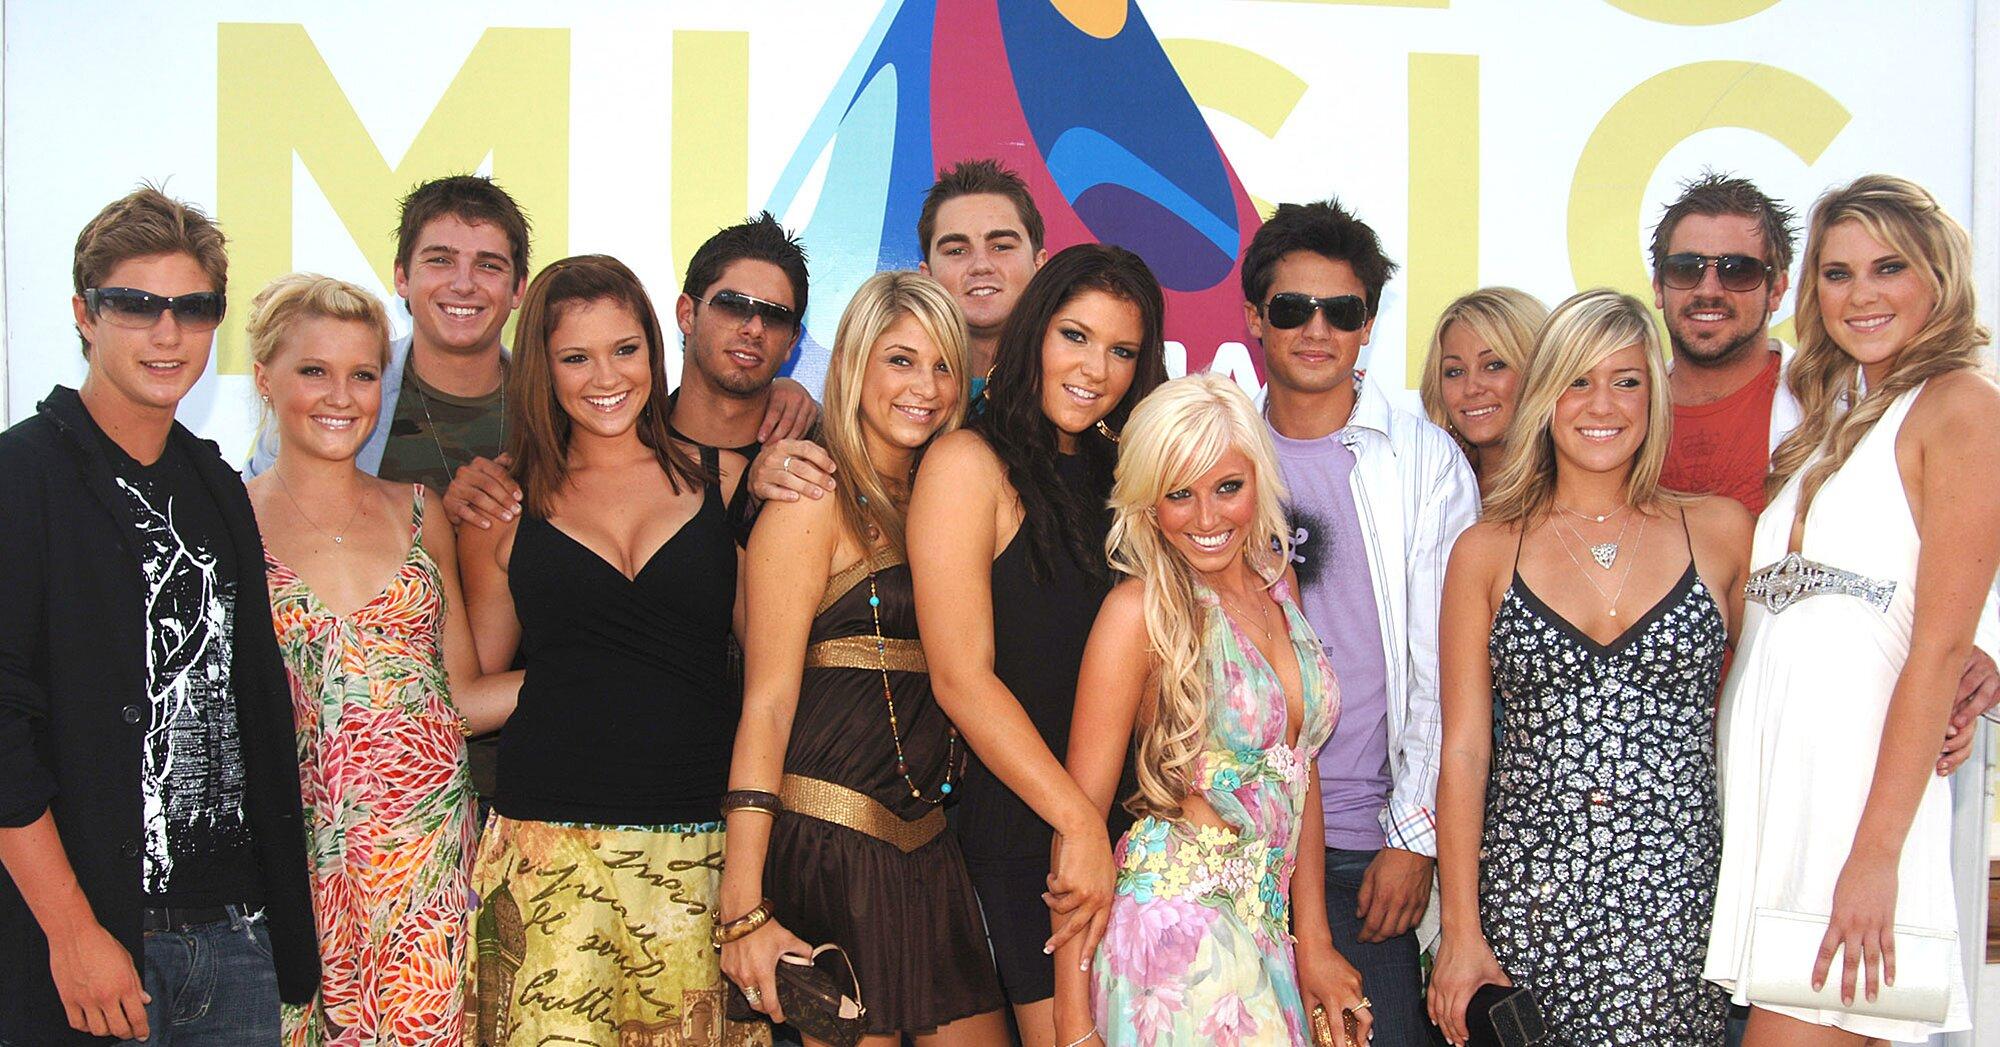 Original Laguna Beach Cast Reuniting To Support Voter Registration Ew Com